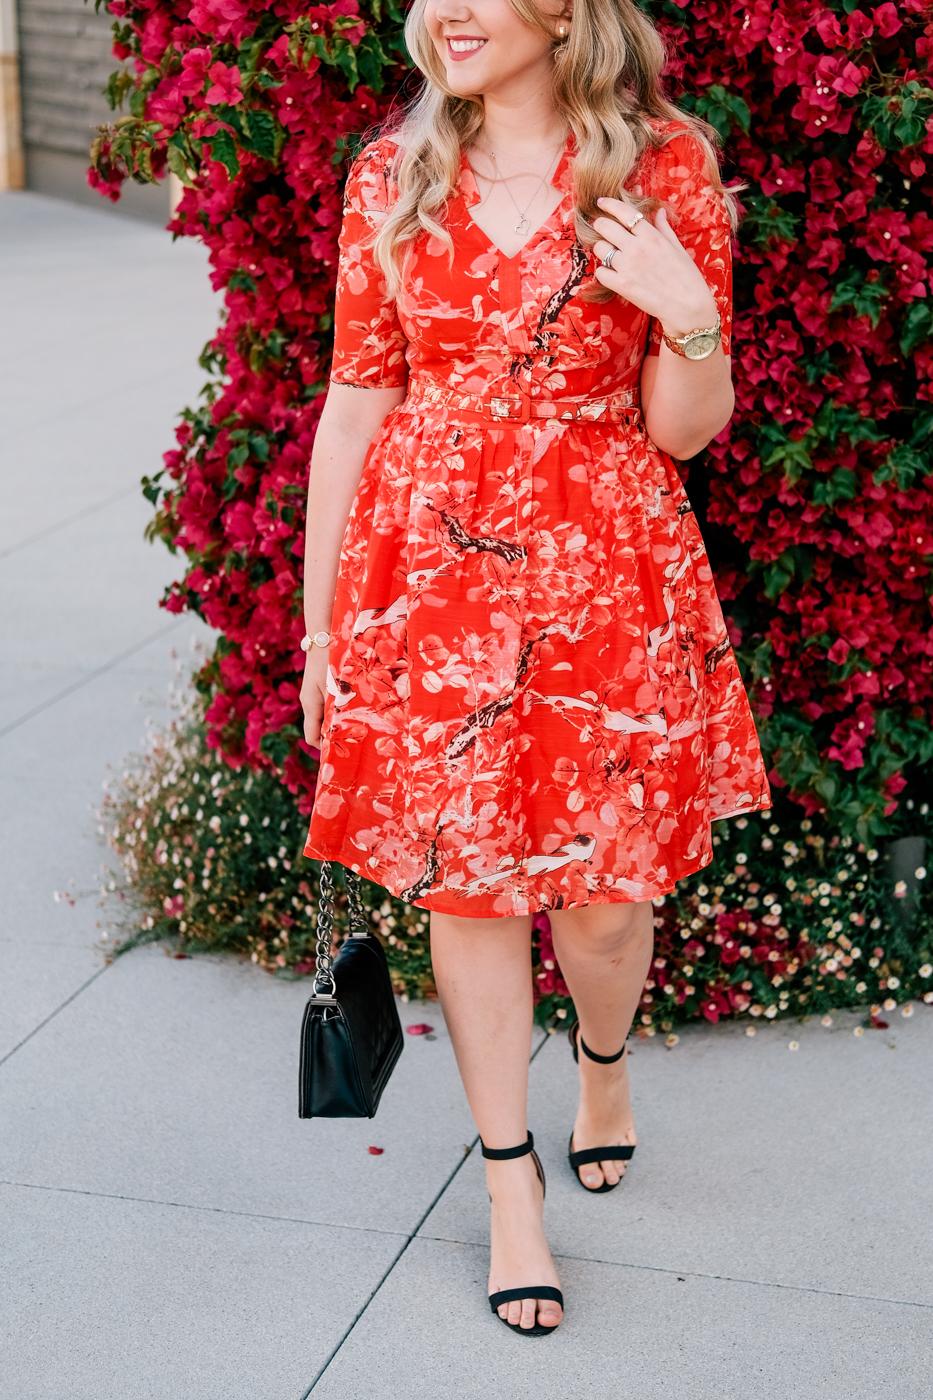 Debora Dahl, red dress, black heels